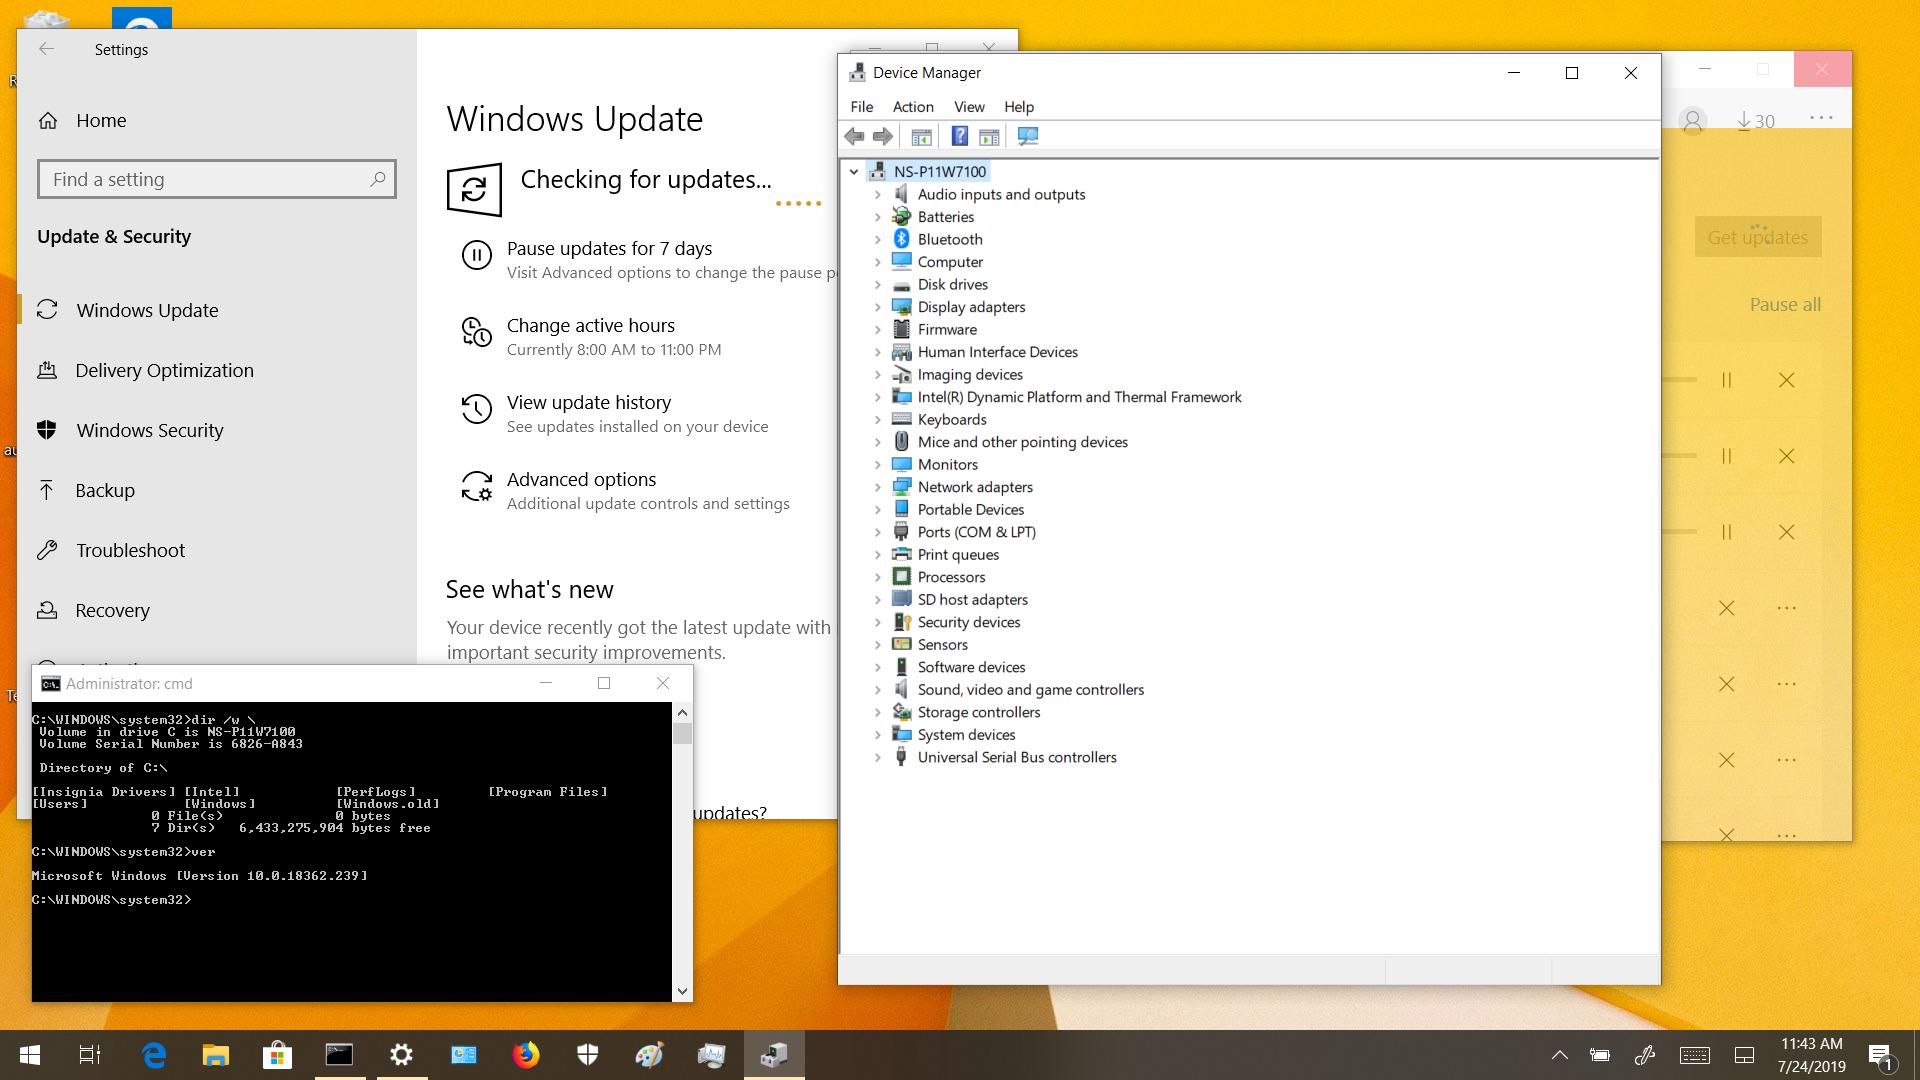 Screenshot after Windows 10 1903 32-bit feature update